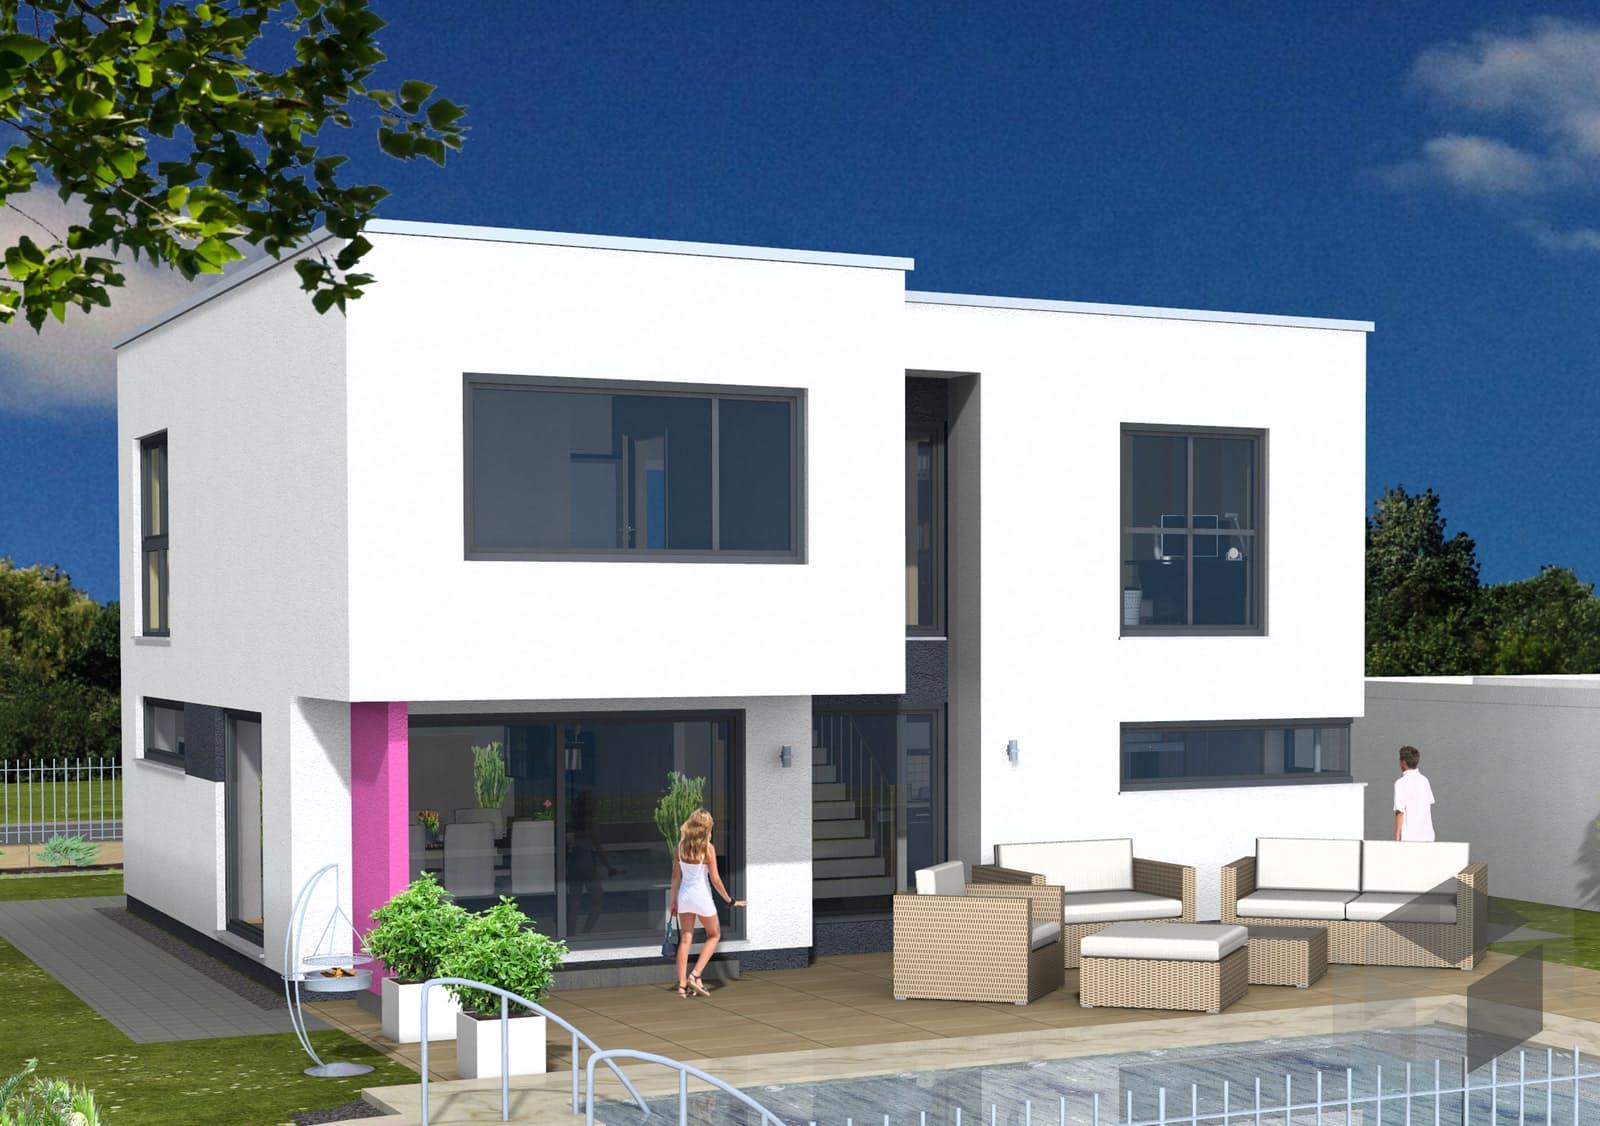 passivhaus 2020 inactive von wir leben haus komplette daten bersicht. Black Bedroom Furniture Sets. Home Design Ideas